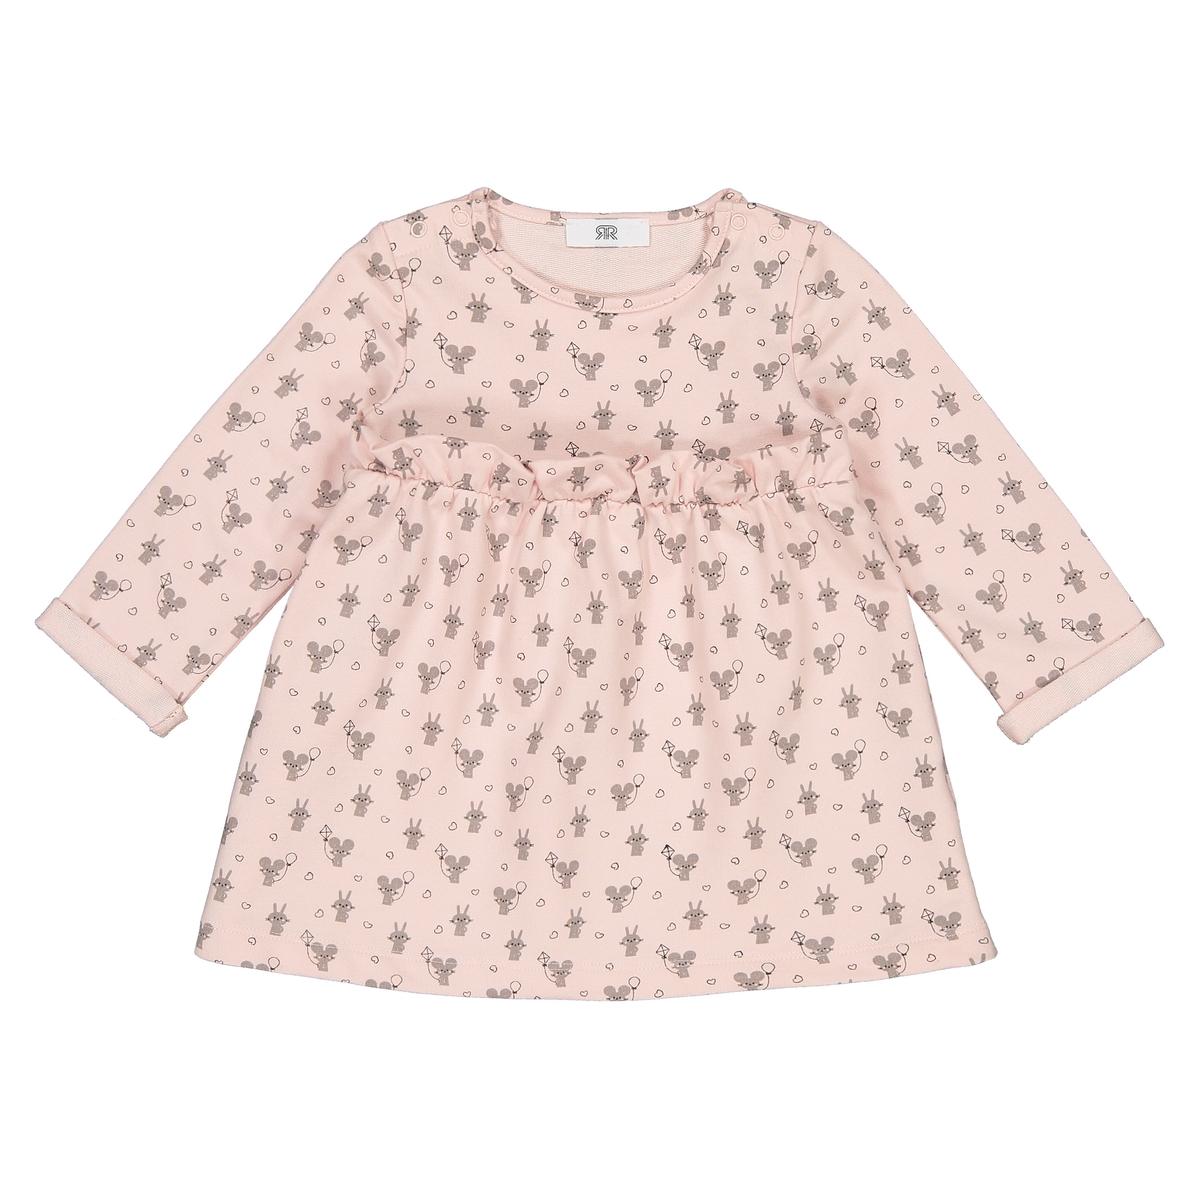 Платье La Redoute С длинными рукавами с рисунком мес - года 2 года - 86 см розовый футболки la redoute с длинными рукавами мес года 2 года 86 см разноцветный